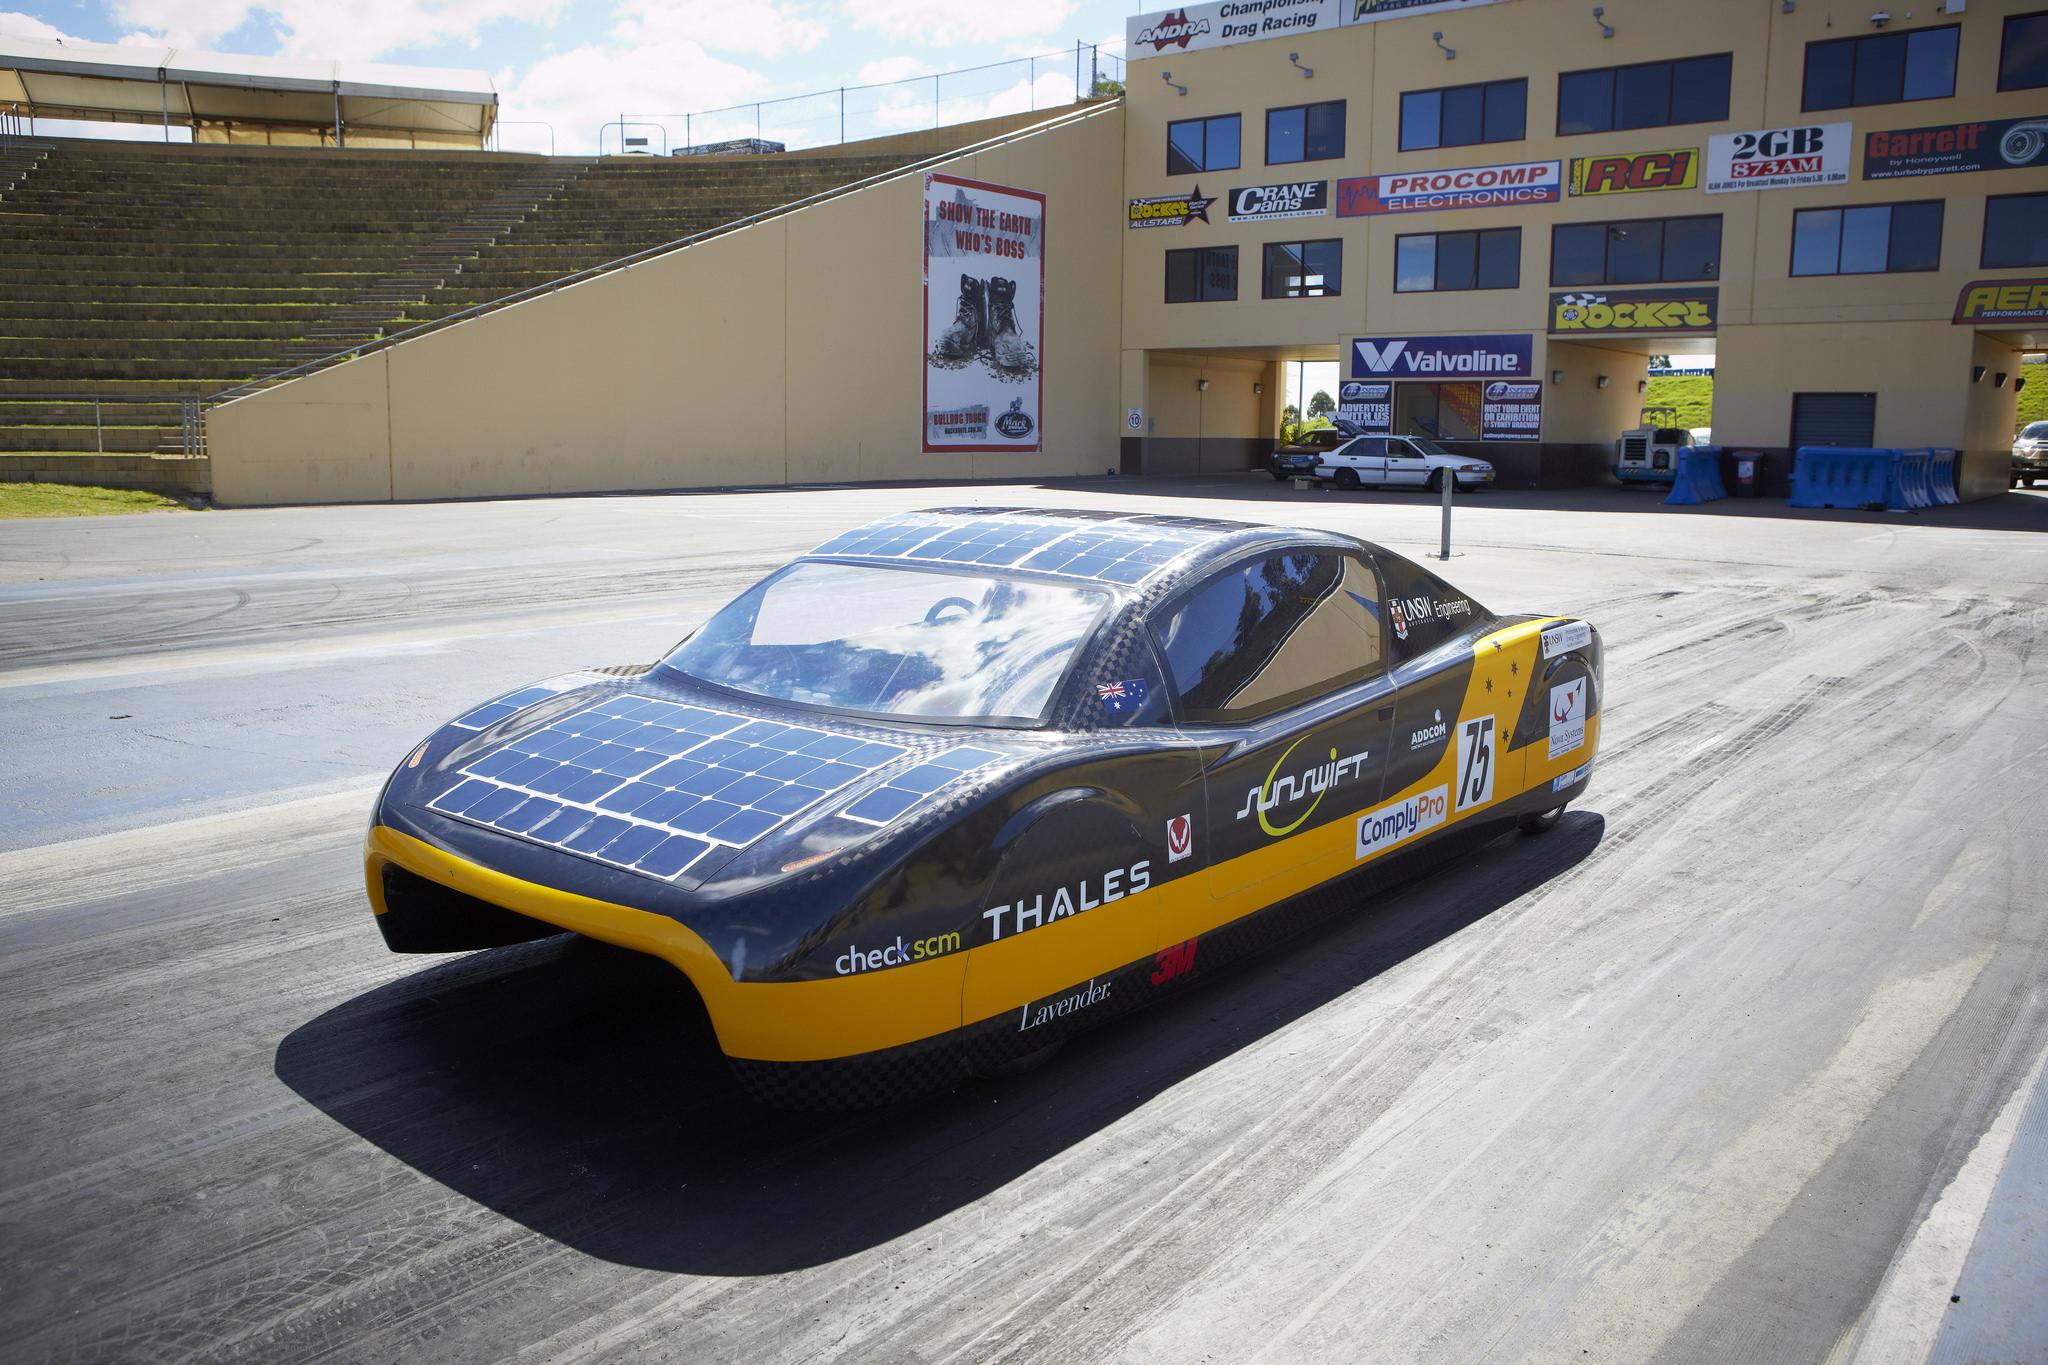 Australisches Solarauto Knackt Den Geschwindigkeitsrekord